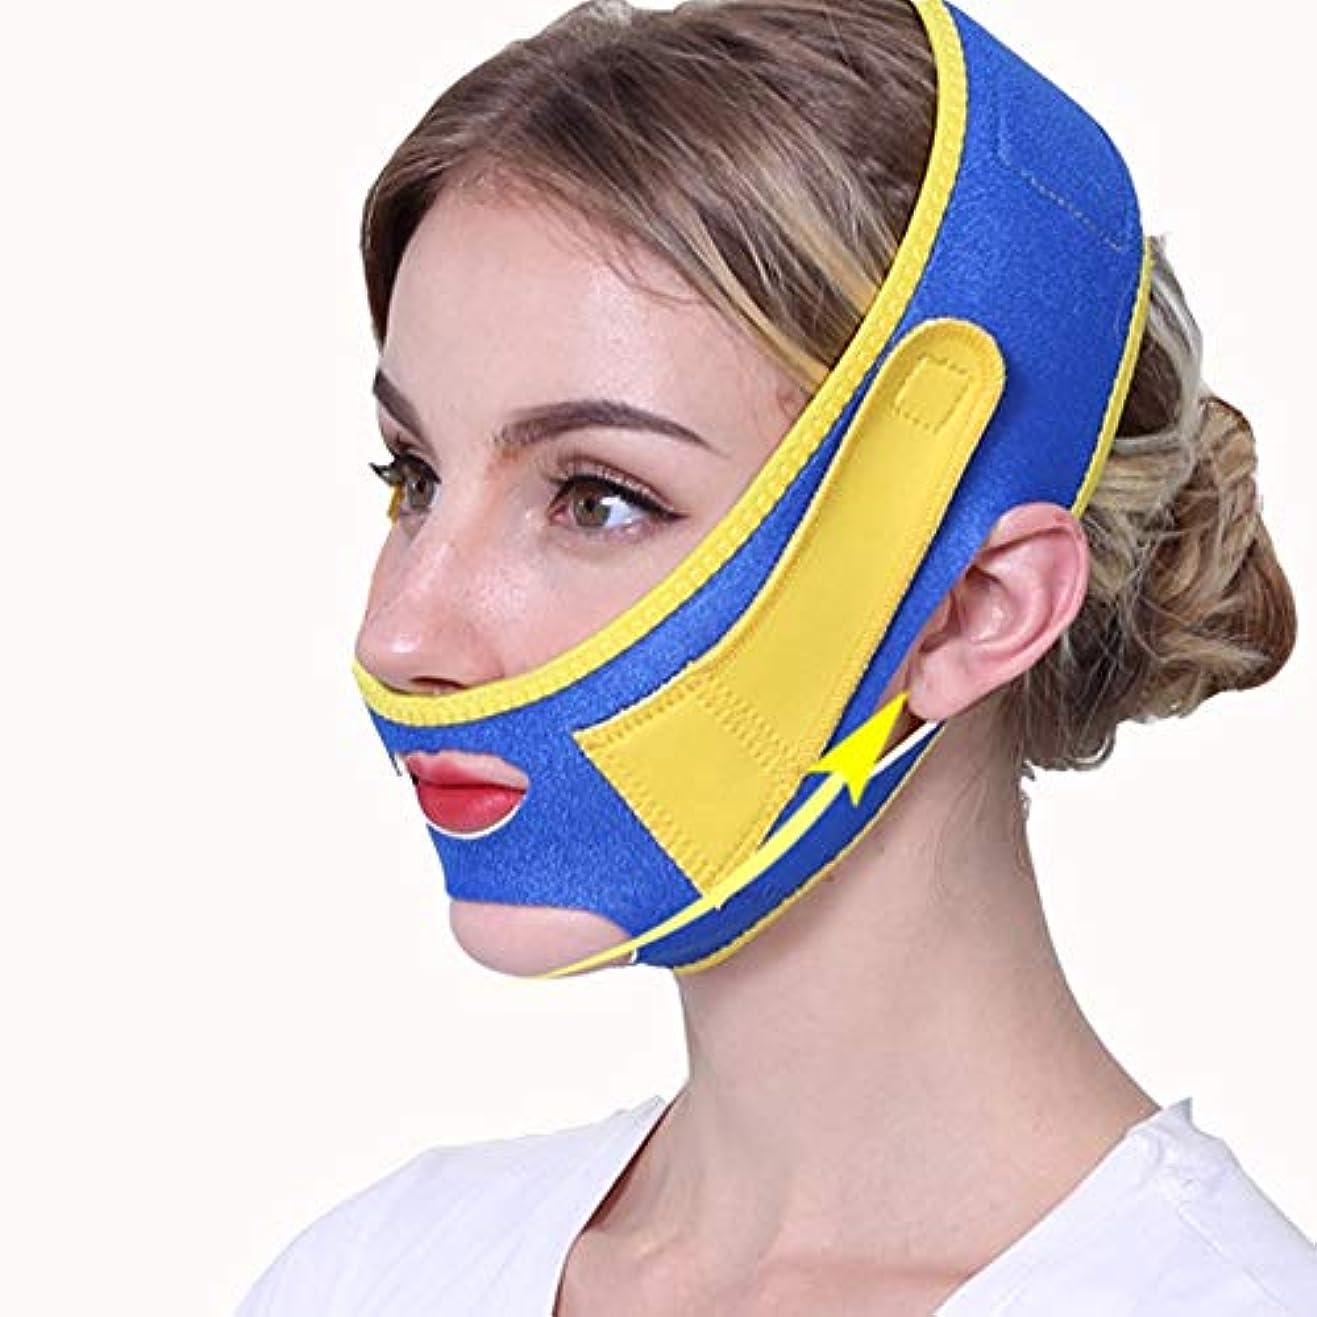 魔法ロンドン透過性フェイシャルリフティング痩身ベルトフェイス包帯マスク整形マスクフェイスベルトを引き締める薄型フェイス包帯整形マスクフェイスと首の顔を引き締めスリム